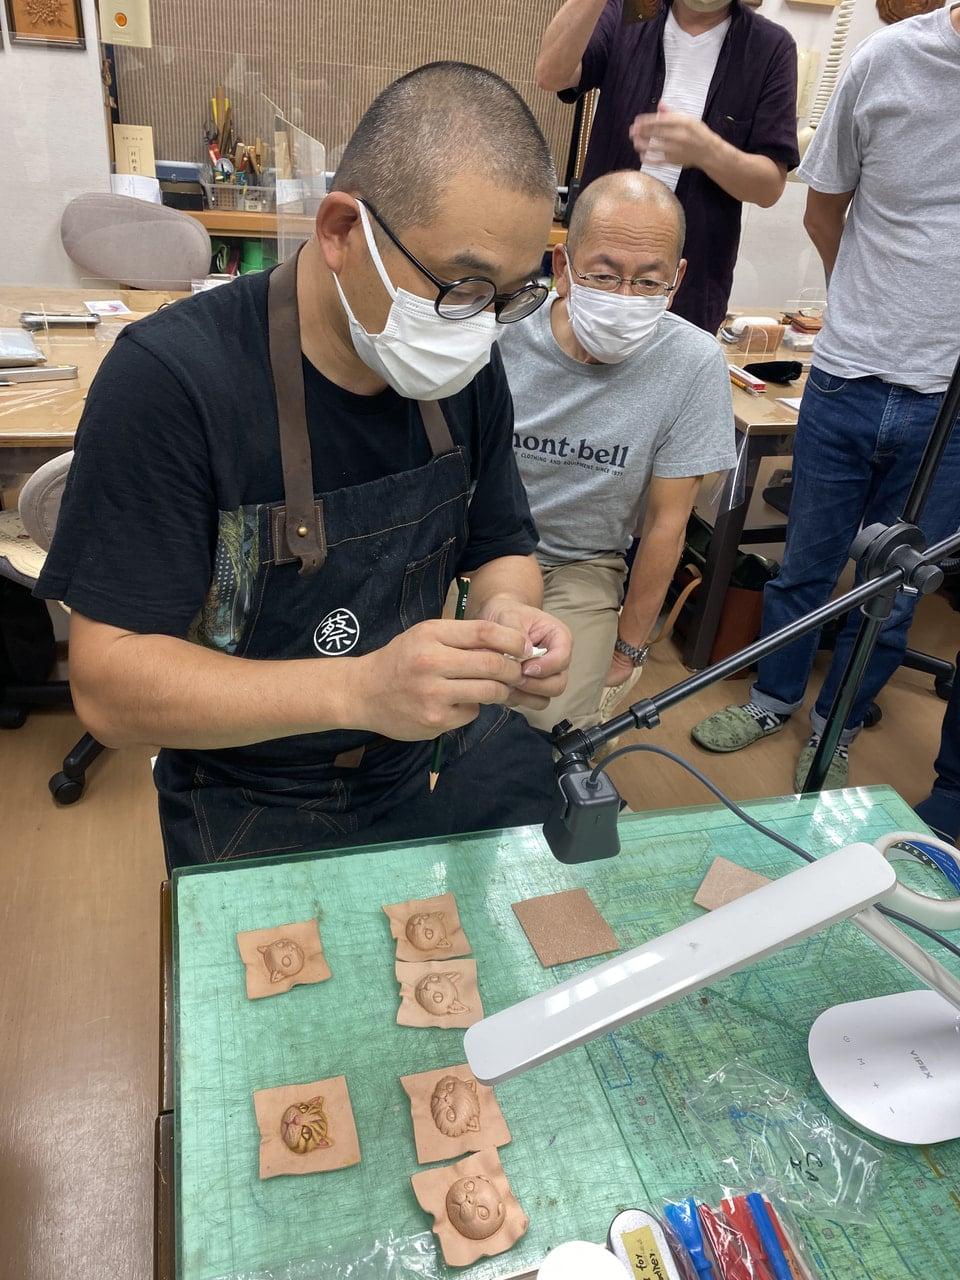 立体猫実技 JLCA講習会 レザークラフト  革工芸